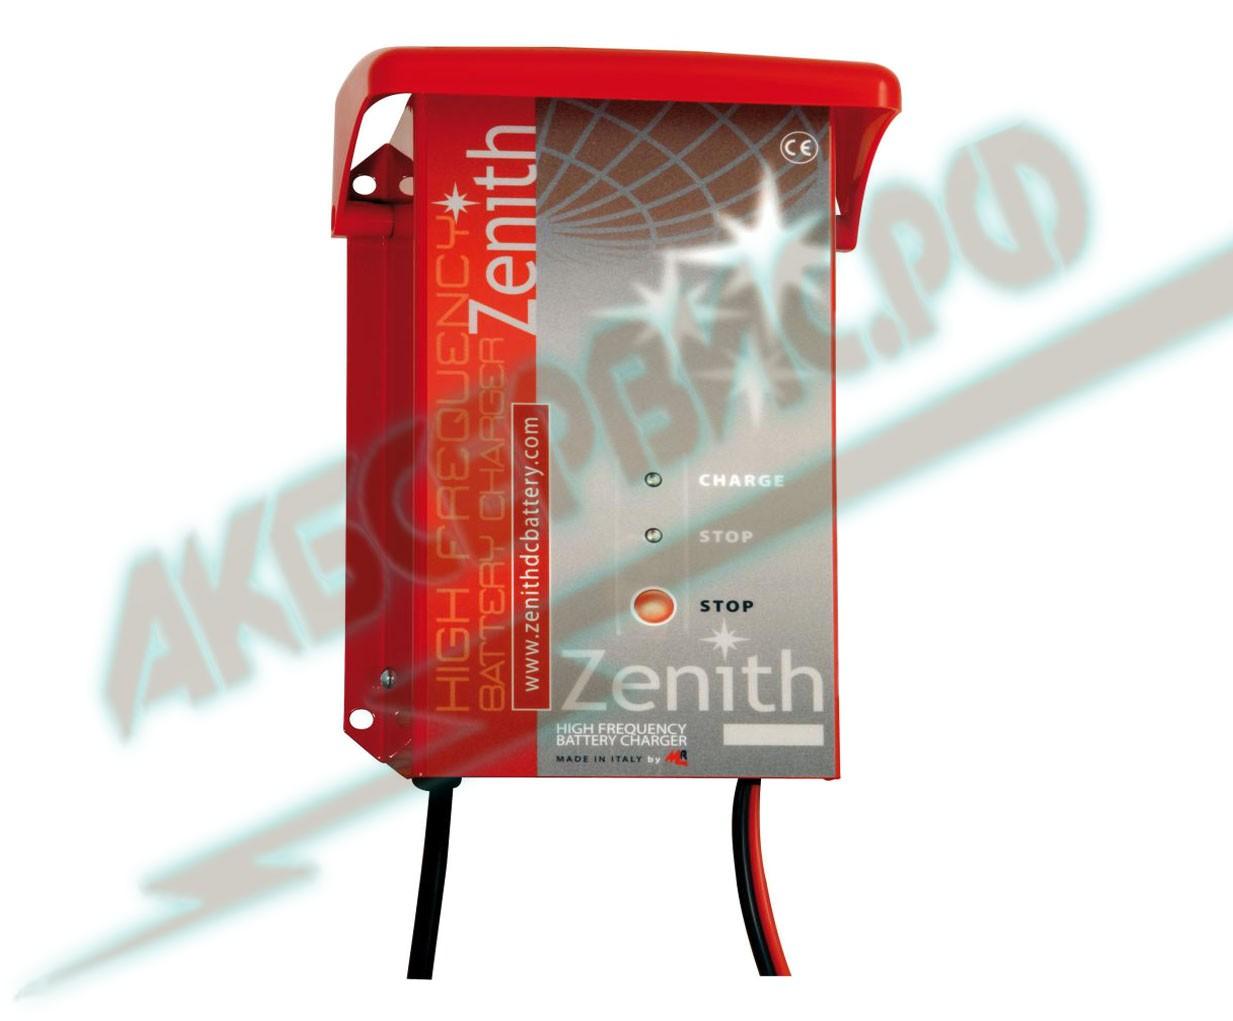 Акбсервис.РФ | Зарядное устройство - Zenith 2430